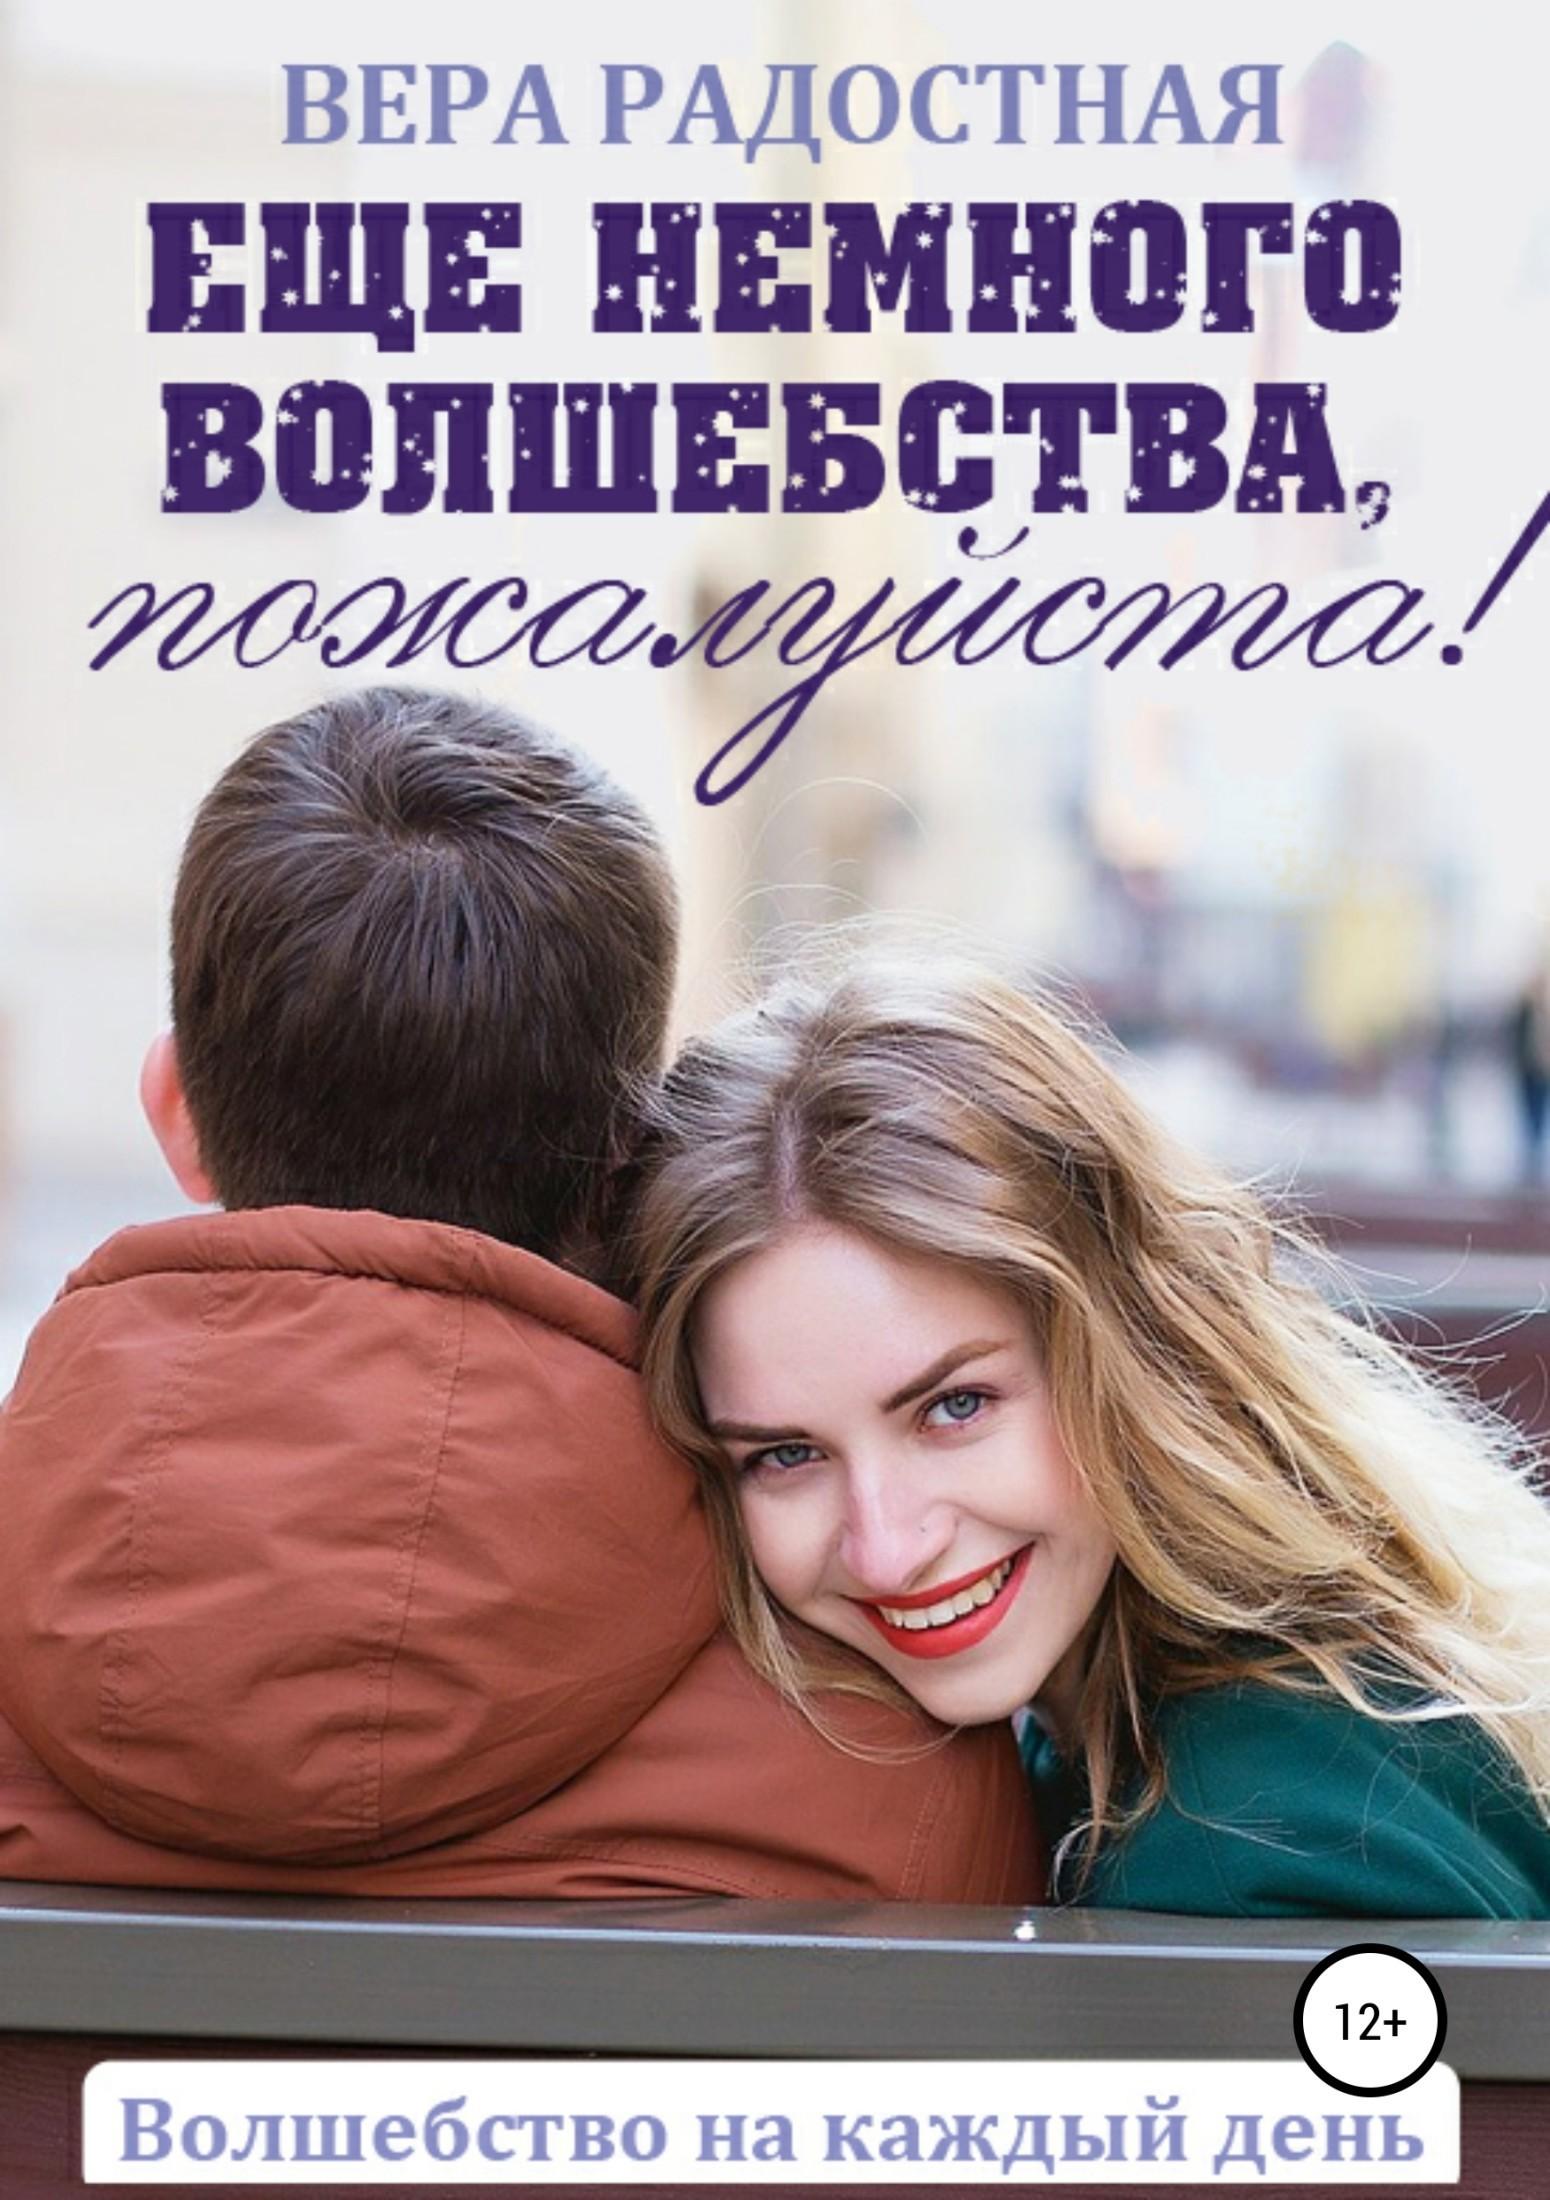 Вера Радостная - Еще немного волшебства, пожалуйста!